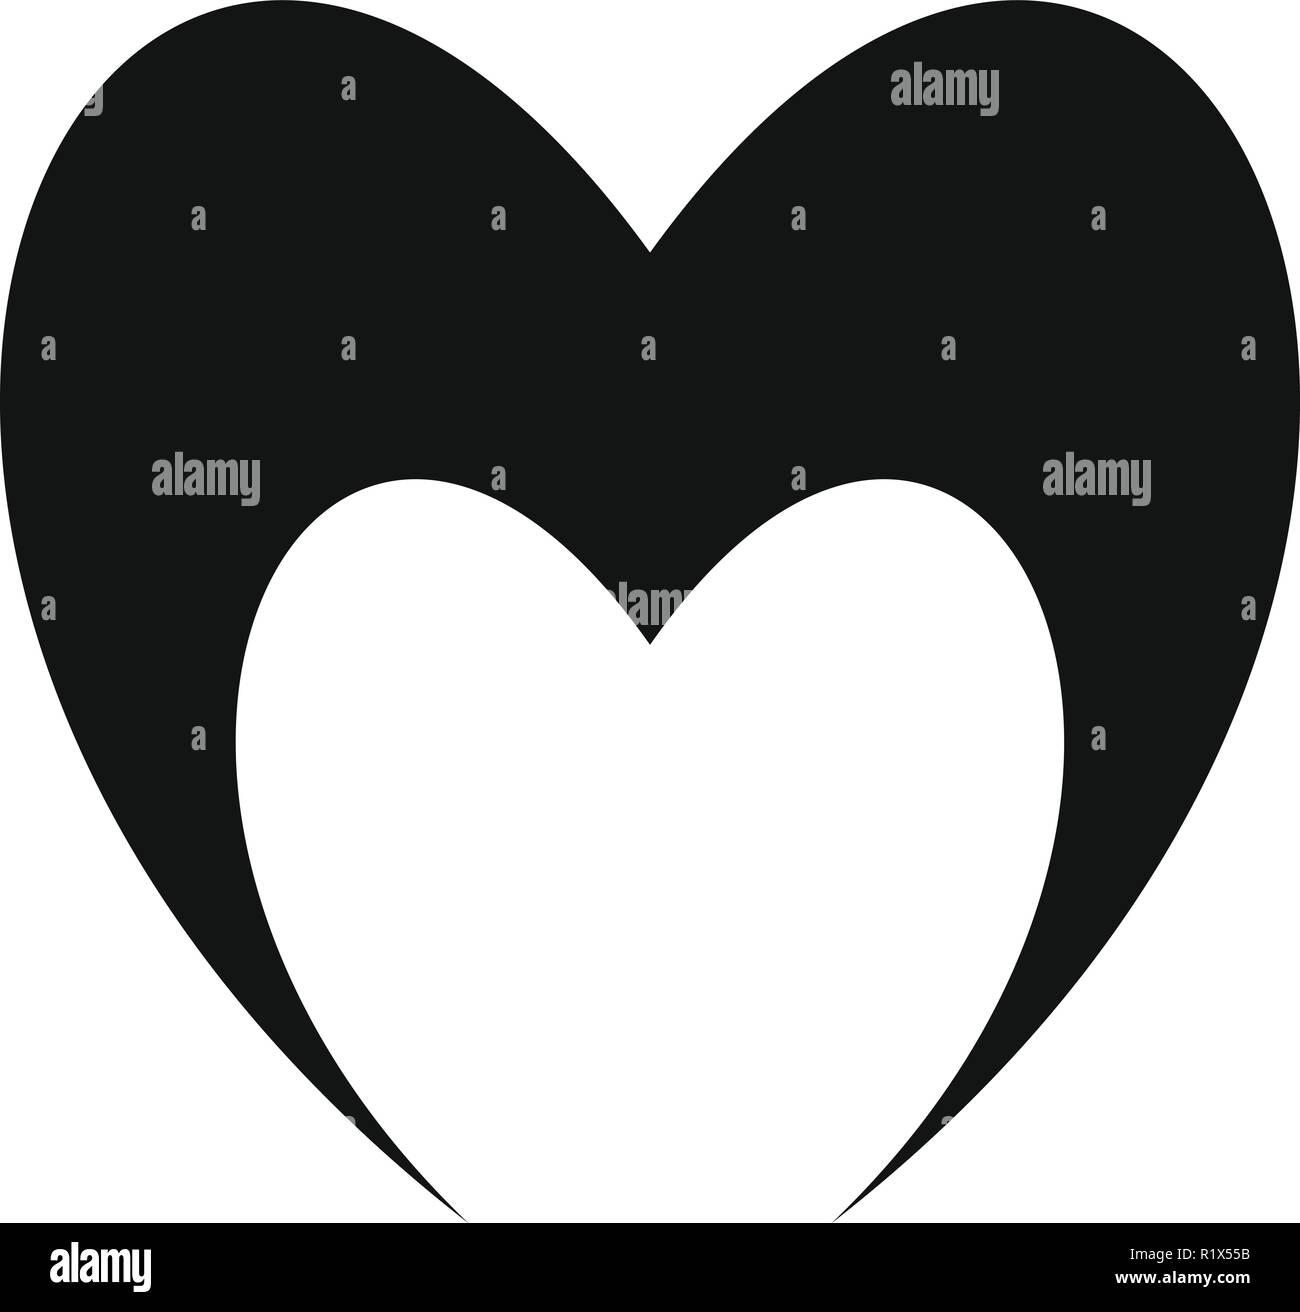 Ich bin der Dating-Campus heartthrob (wattpad/Prolog)